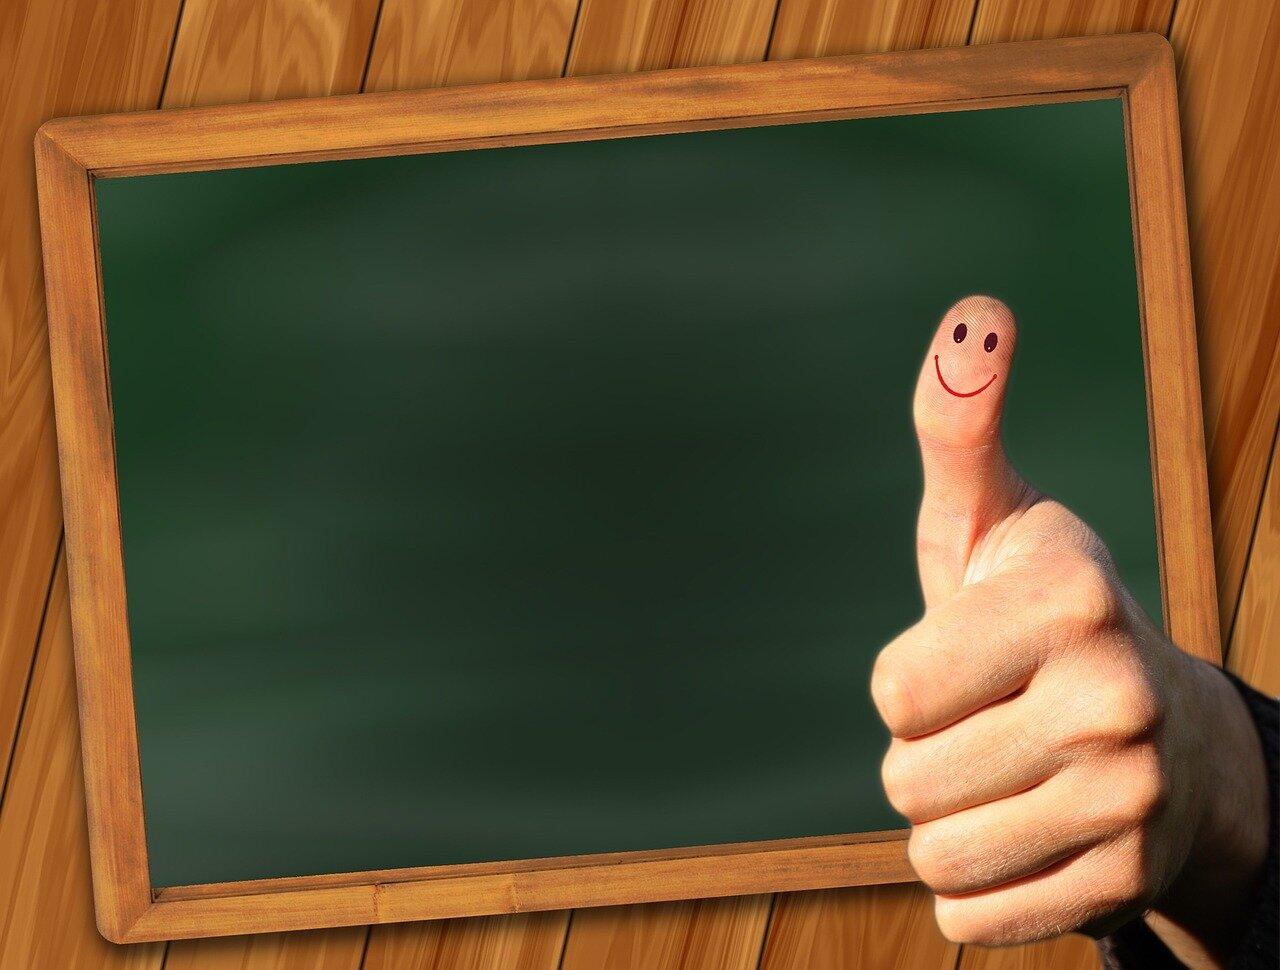 grafika przedstawia tablice na tle które widac kciuk, na kciuku rysunek układajacy sie wuśmiechnięte twarz